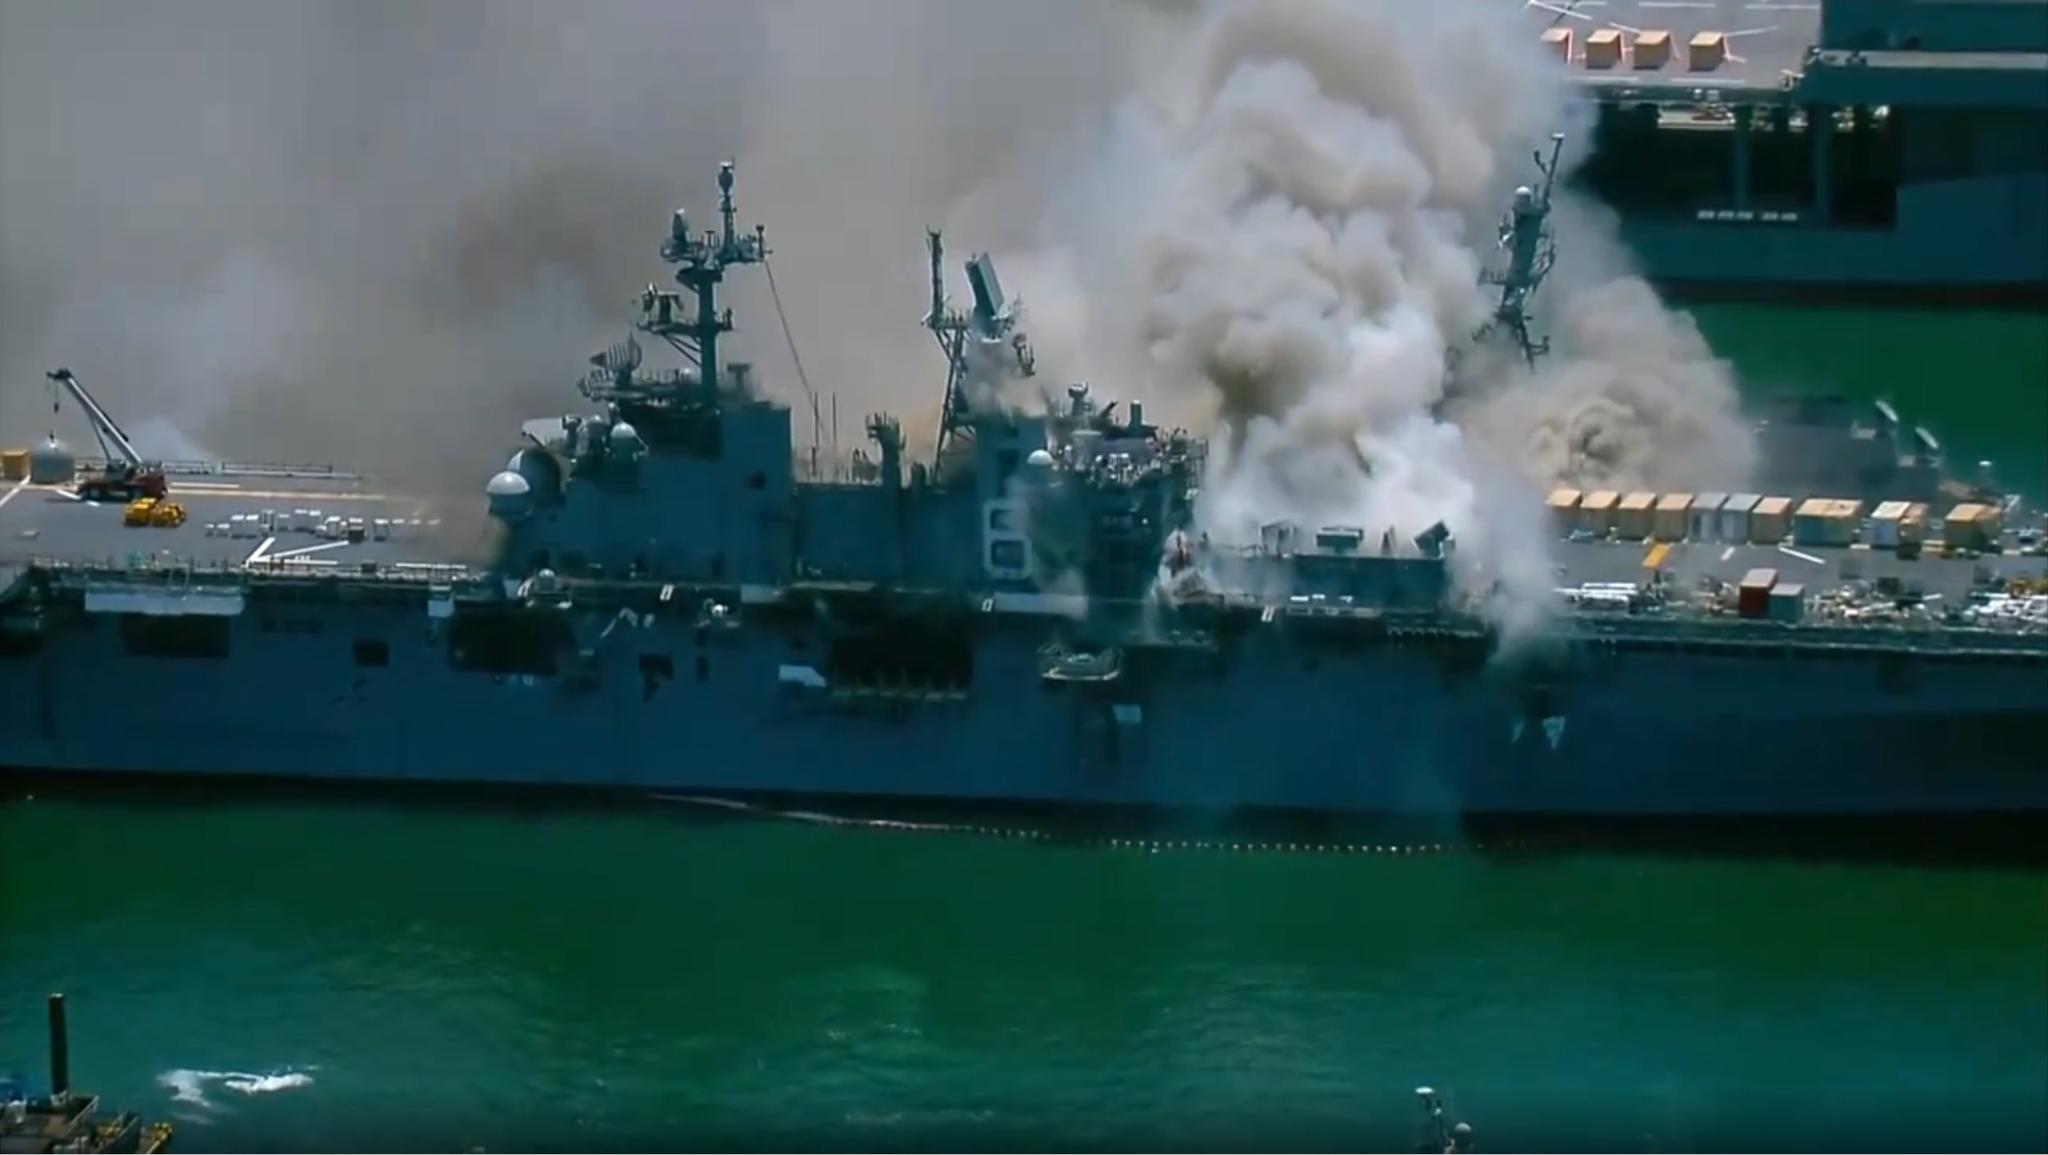 首火位置答该在舰体中部机库和车辆甲板附近图源:外交媒体